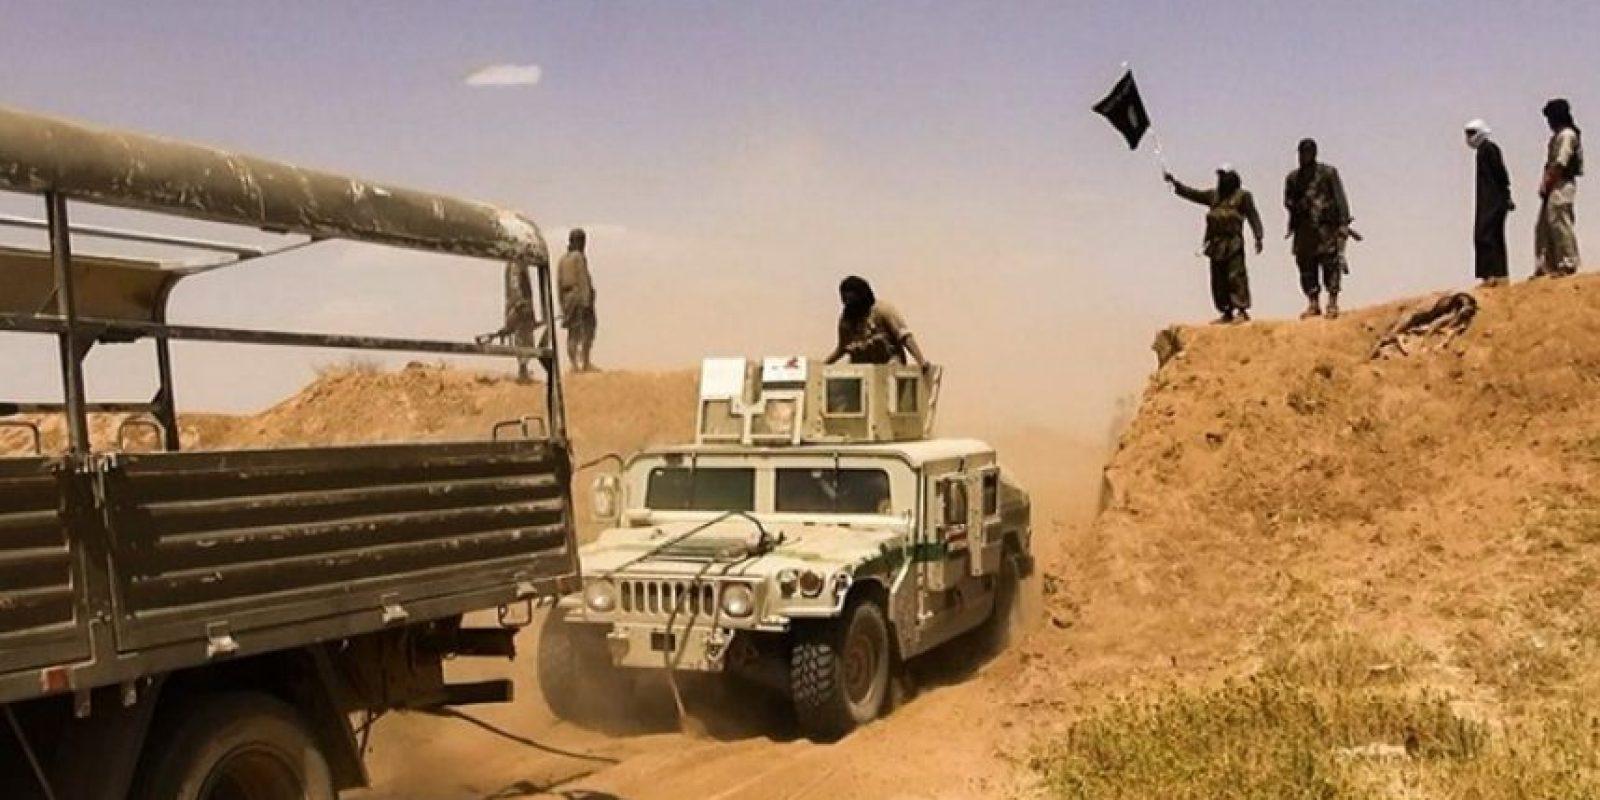 Combatientes del Estado Islámico (ISIS) en Medio Oriente. Foto:AFP